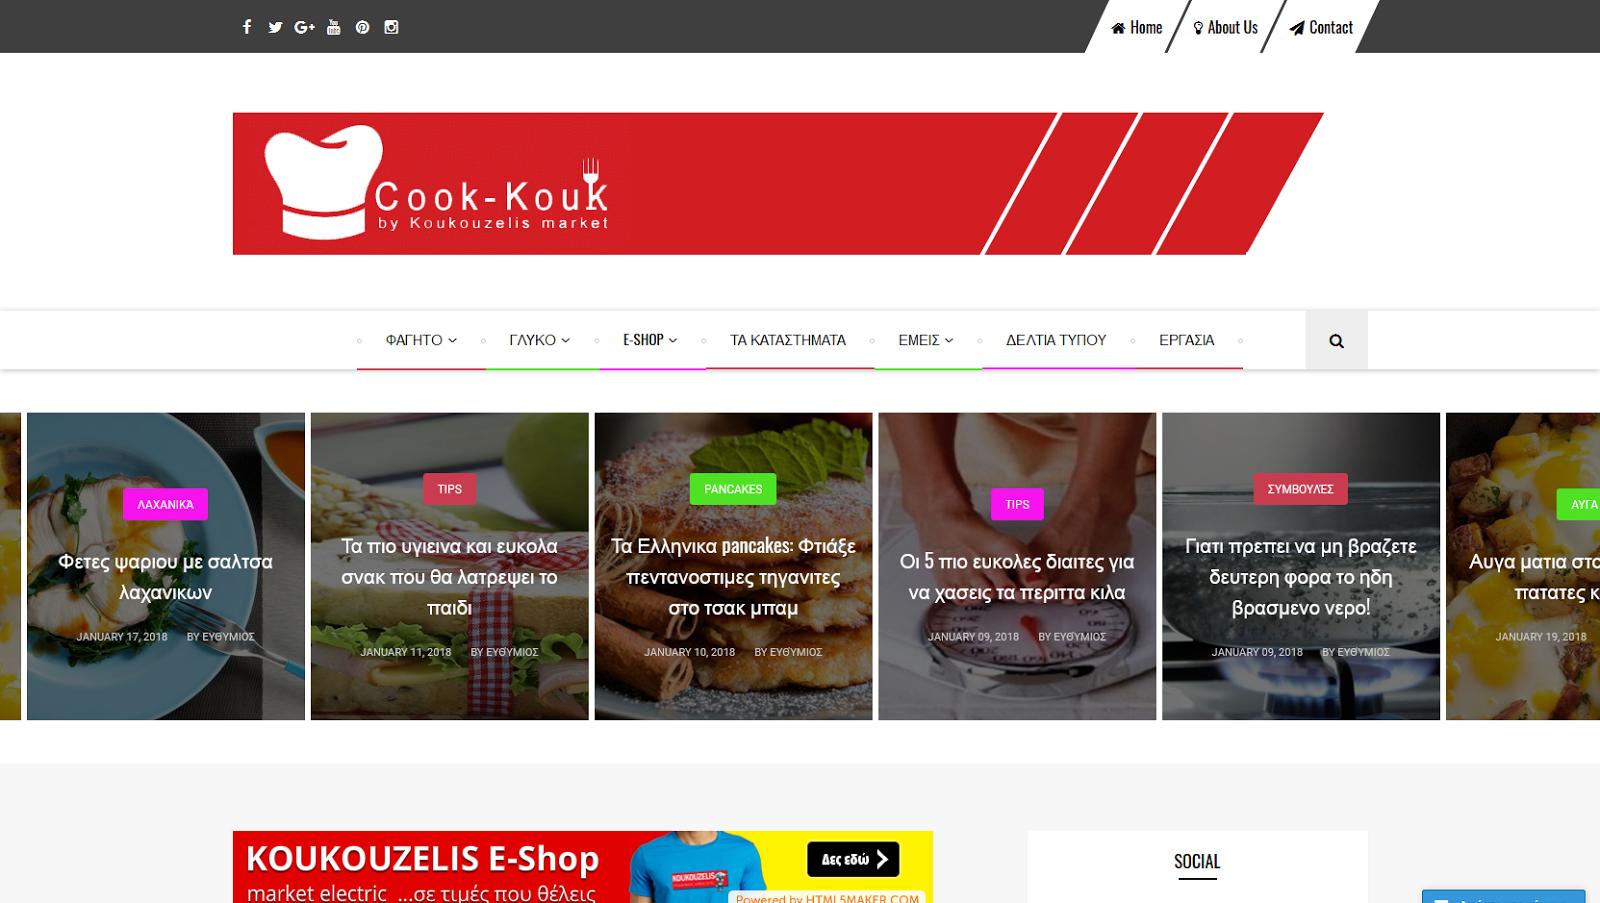 Δελτιο Τυπου για την Ανανεωση του ιστολογιου με τις συνταγες